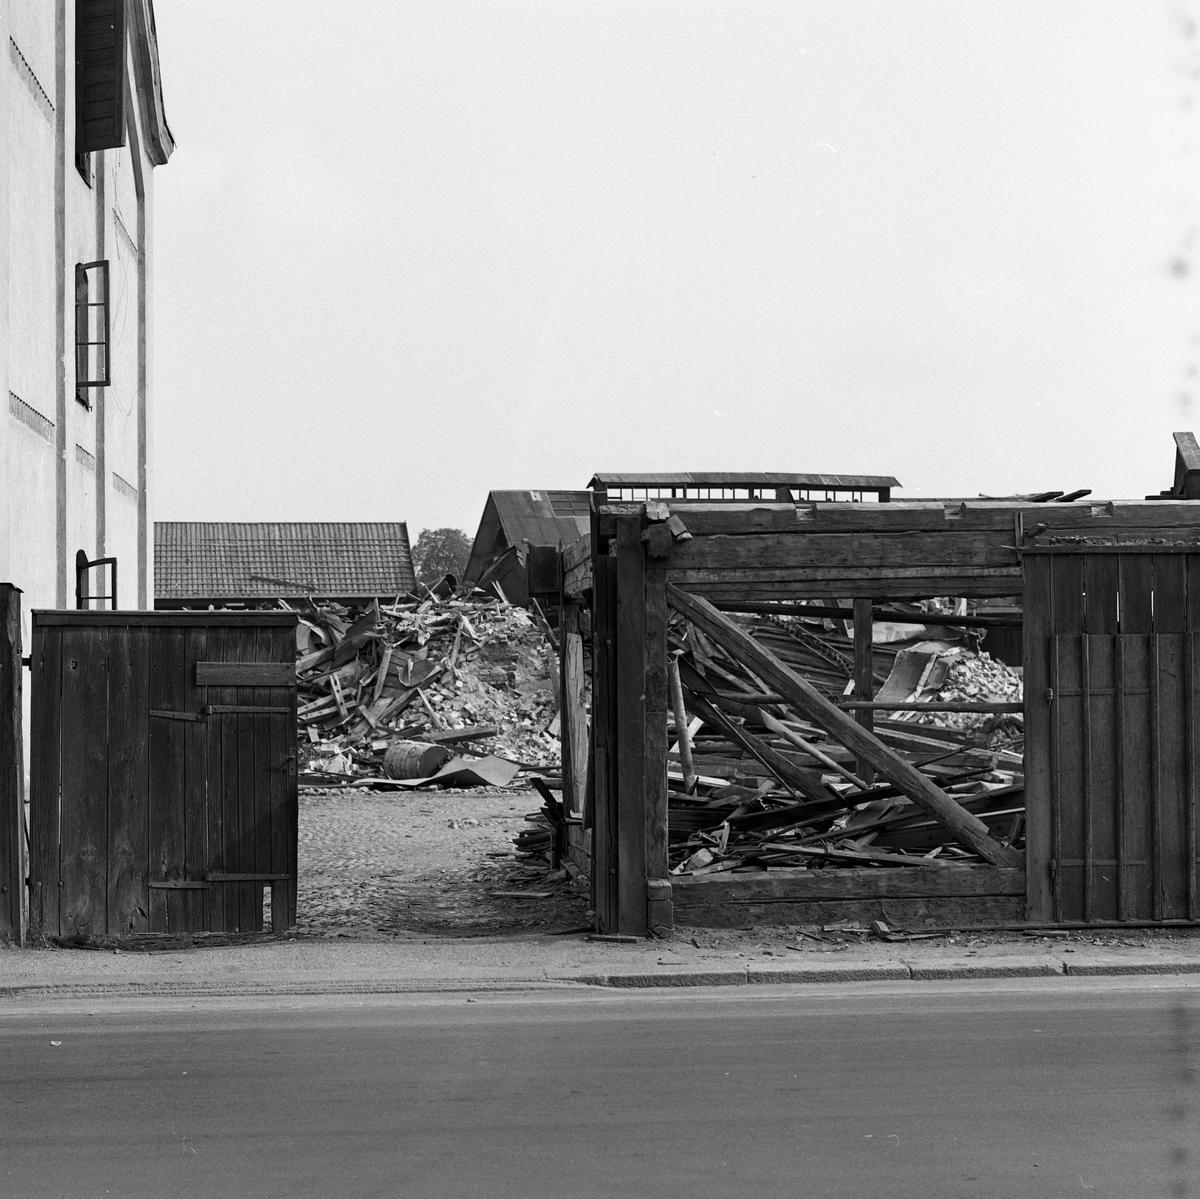 Arboga Kvarn och Maltfabrik är nedlagd. Nu pågår rivningen av hamnmagasinen.  Det som kom att bli Arboga Kvarn och Maltfabrik anlades 1821 av Jonas Örström. Kvarnrörelsen startade 1915. Vetemjöl av märket Guldsnö producerades här.  Kvarnrörelsen upphörde 1967 medan maltproduktionen fortsatte till 1972.  Läs om Arboga Kvarn och Maltfabrik: Hembygdsföreningen Arboga Minnes årsböcker från 1979 och 1999 Reinhold Carlssons bok Arboga objektivt sett